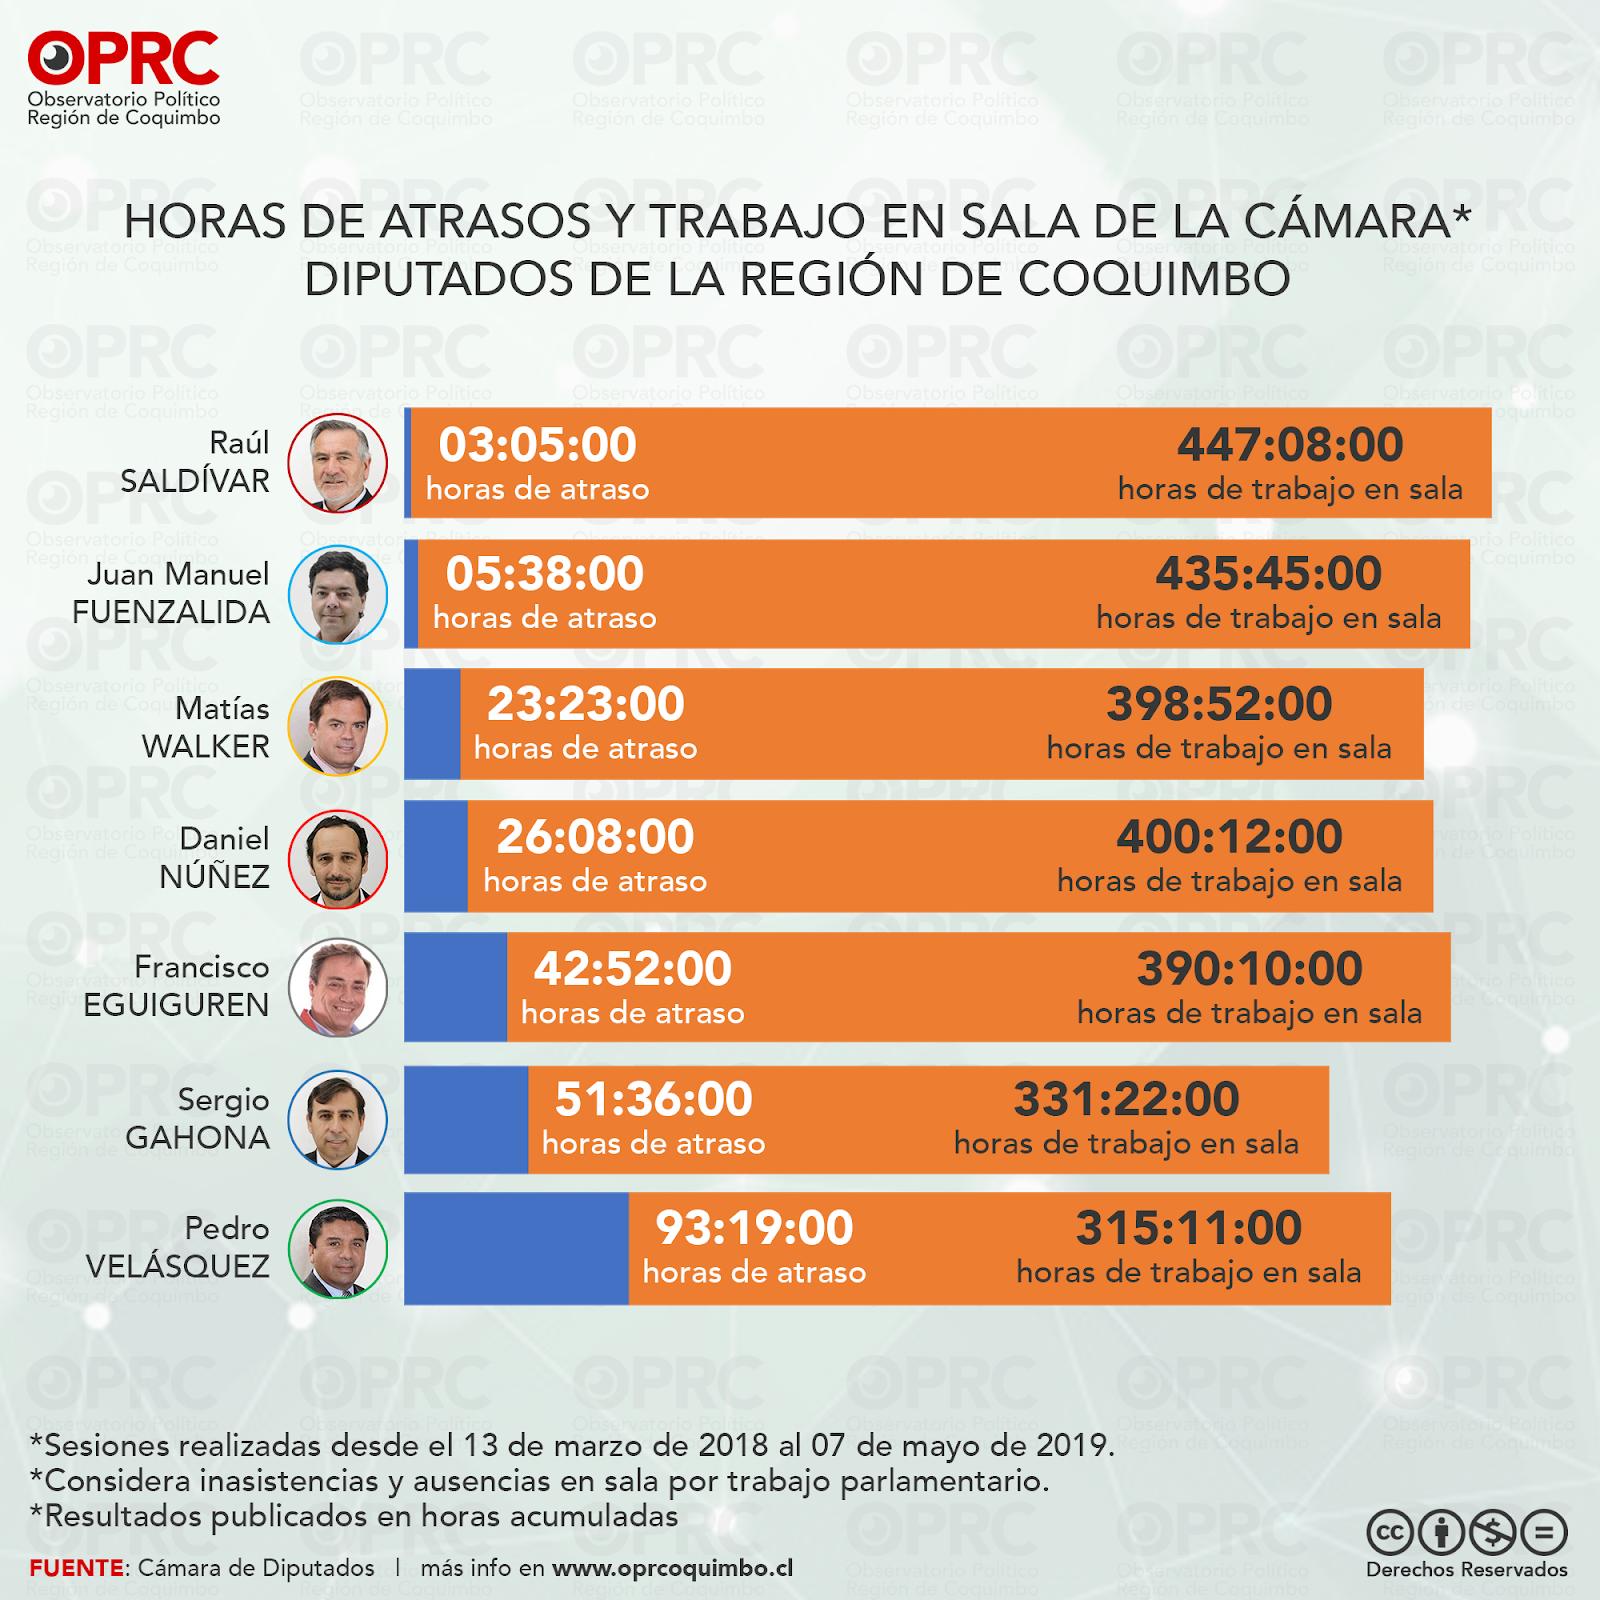 Horas de atraso y trabajo en sala - Diputados Región de Coquimbo